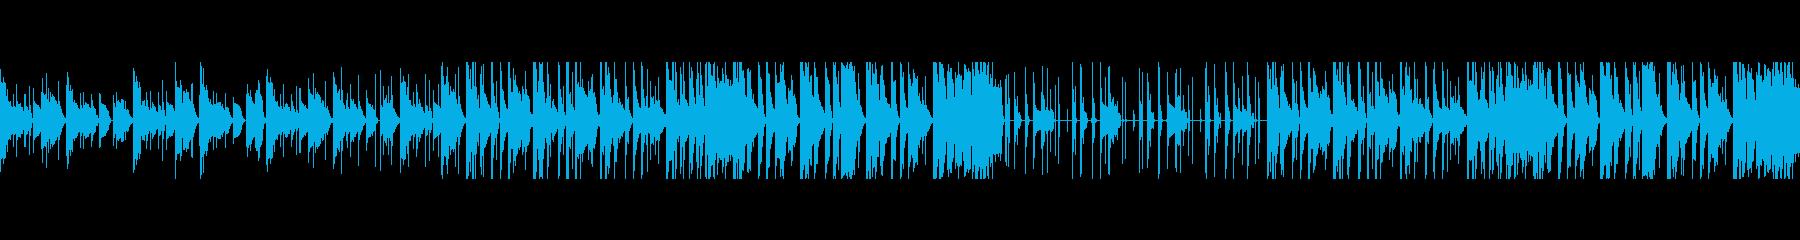 【ループ音源】ピコピコ/カワイイの再生済みの波形